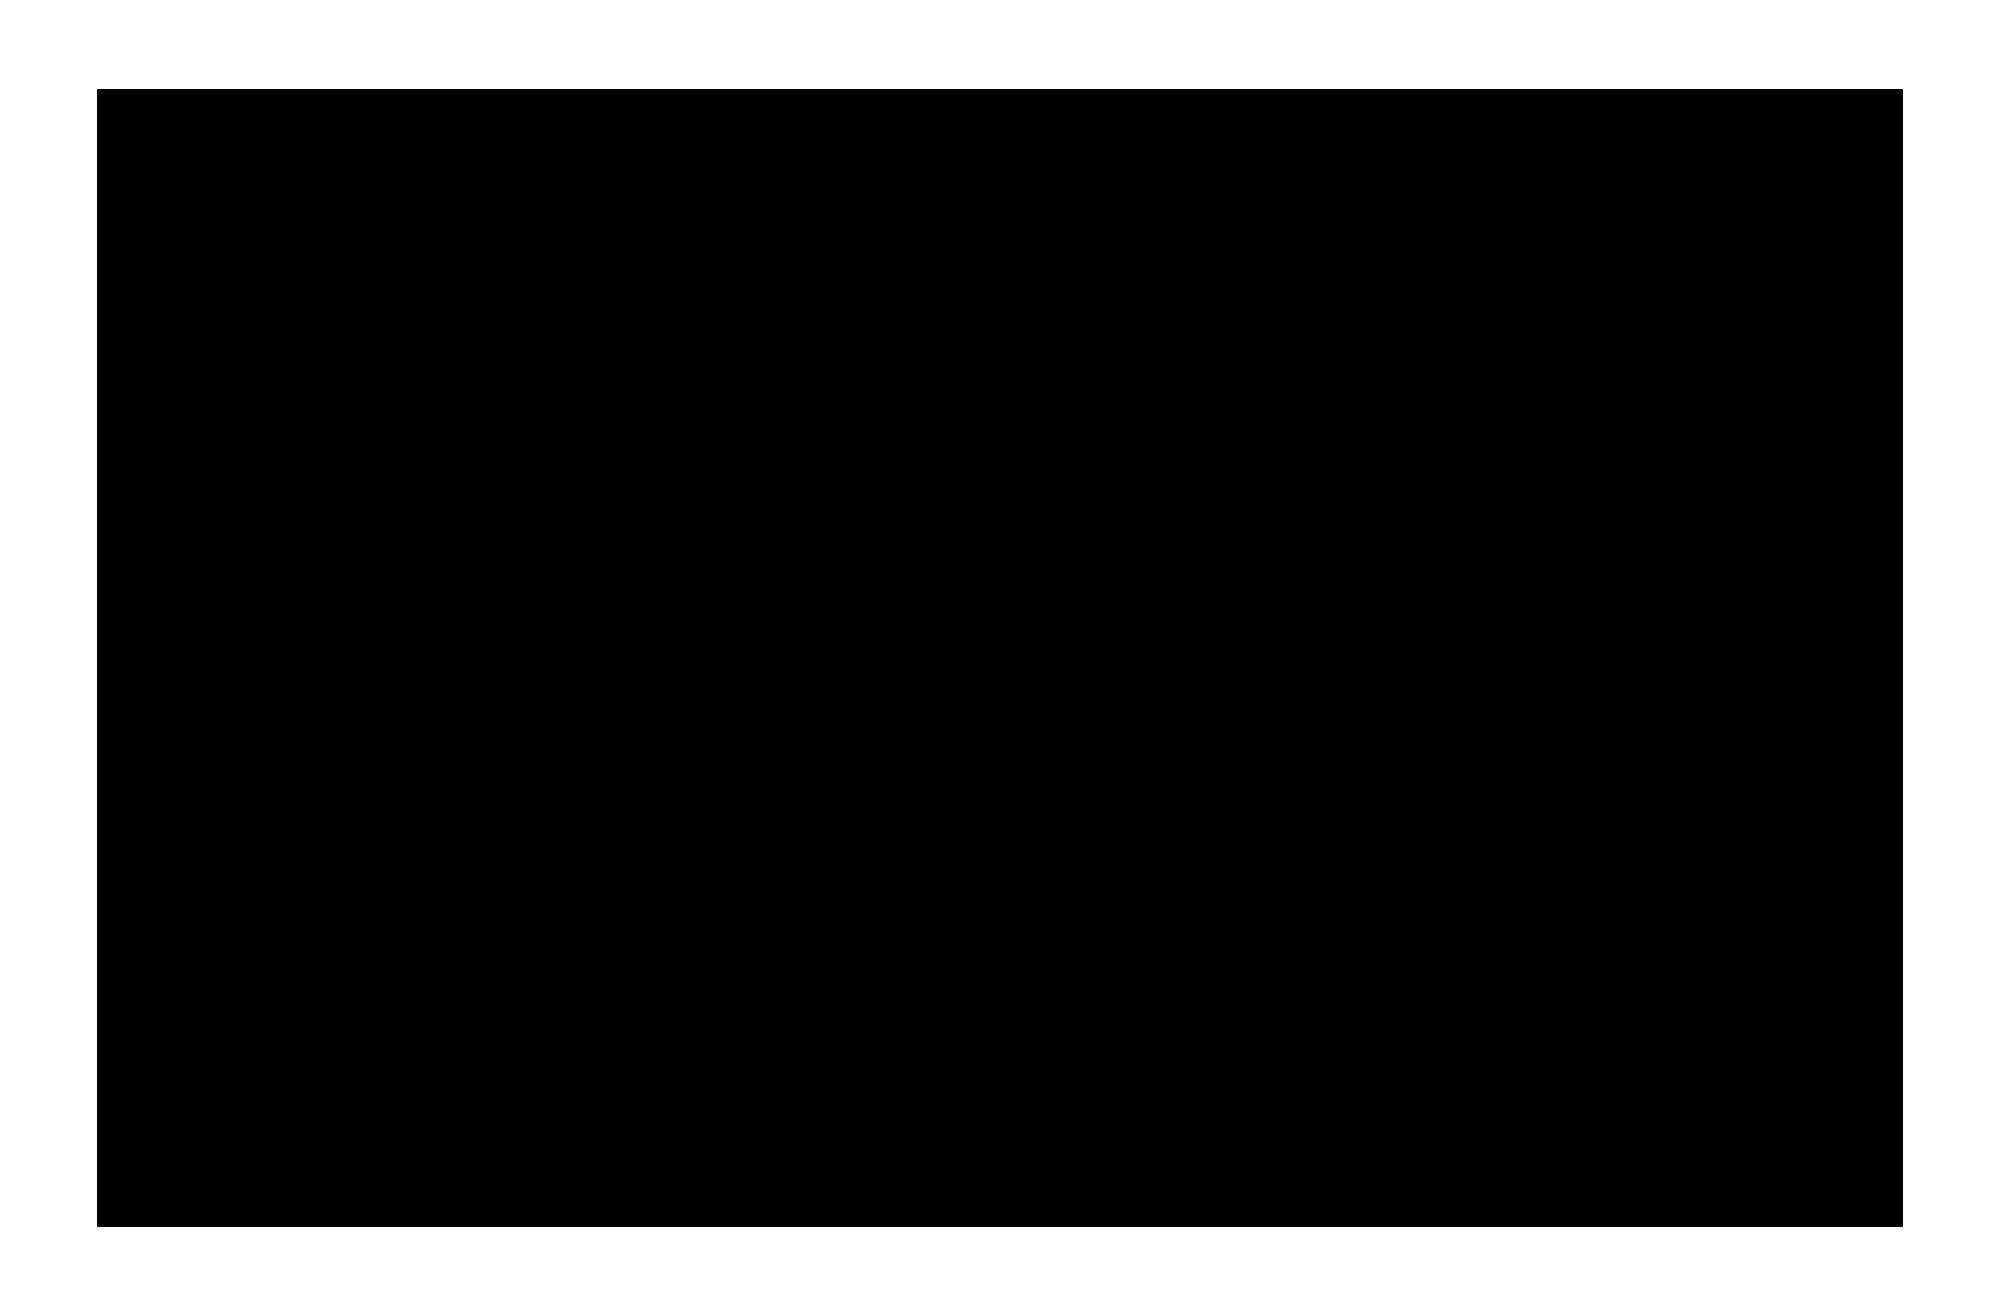 LiquidFractal